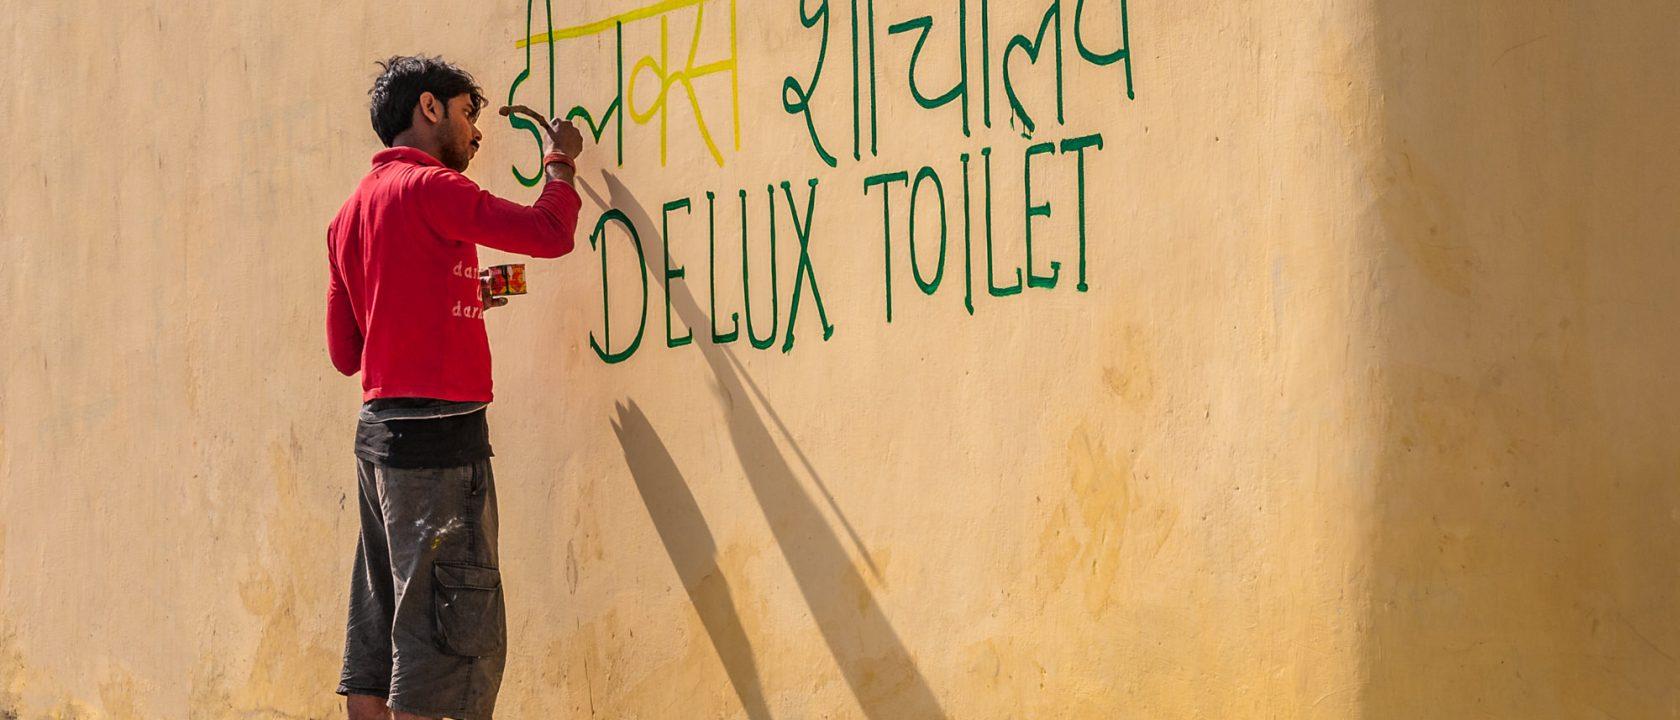 Reisefotografie - World Toilet Day